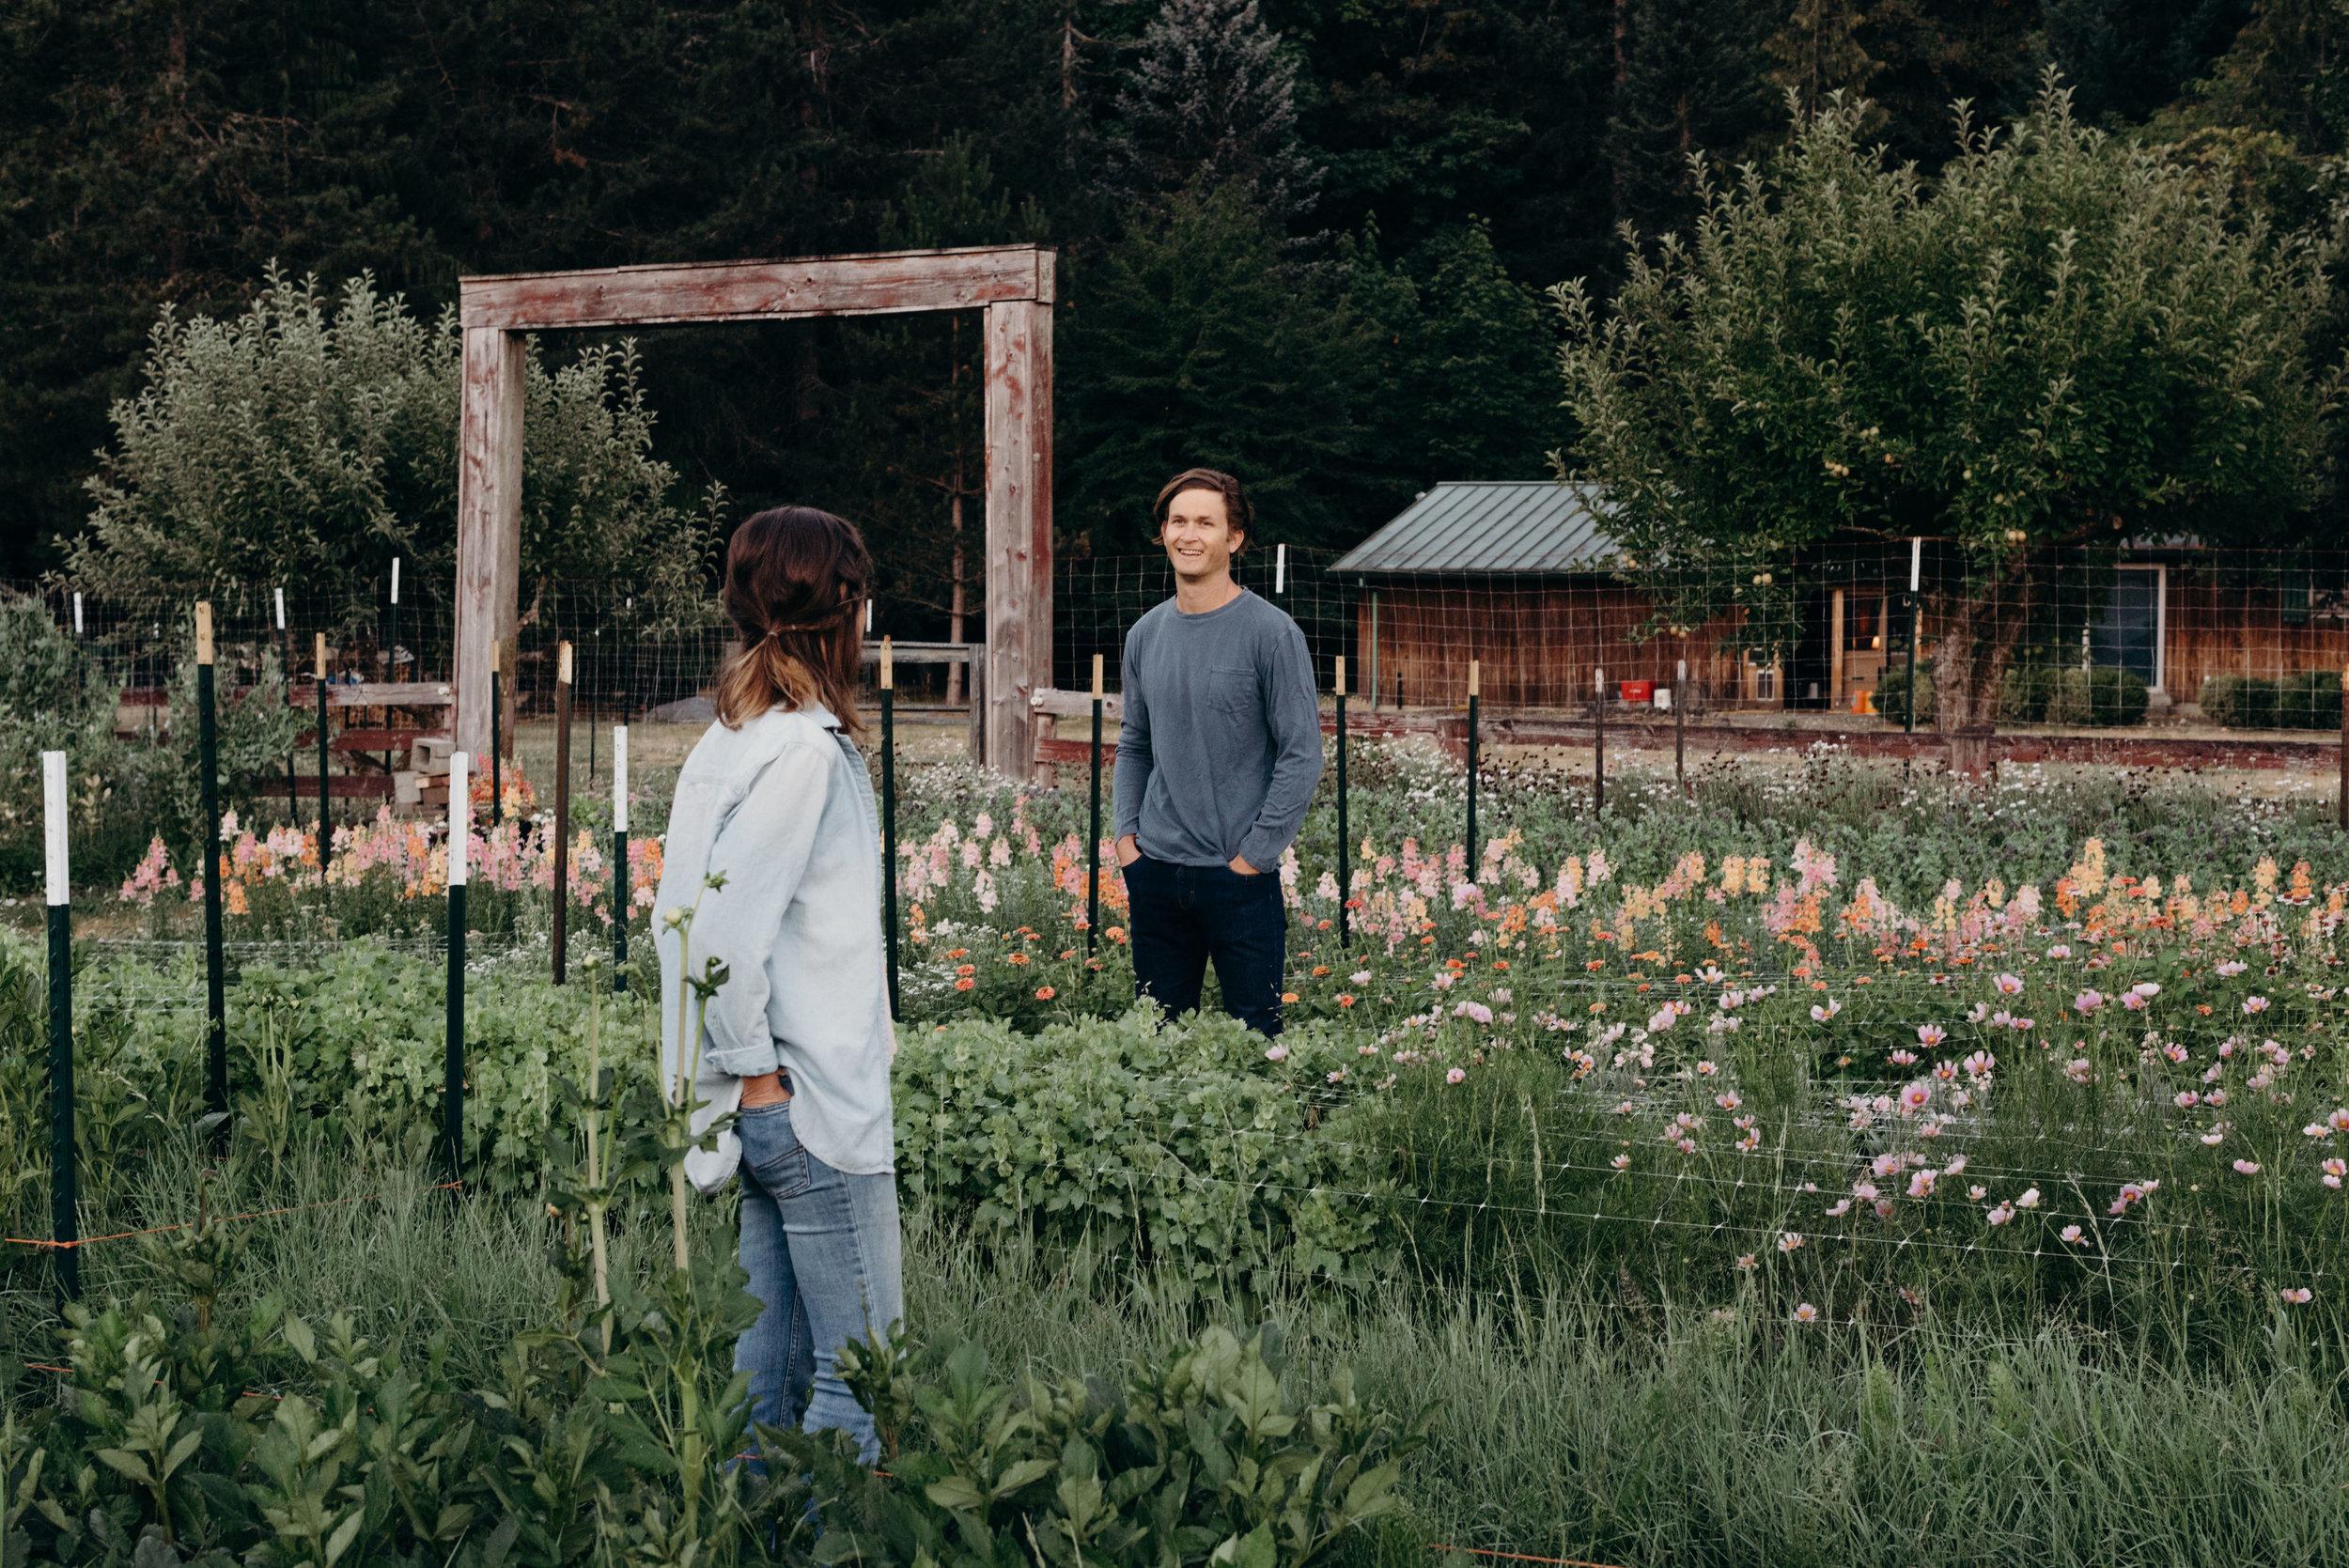 Audrey and Wally at farm